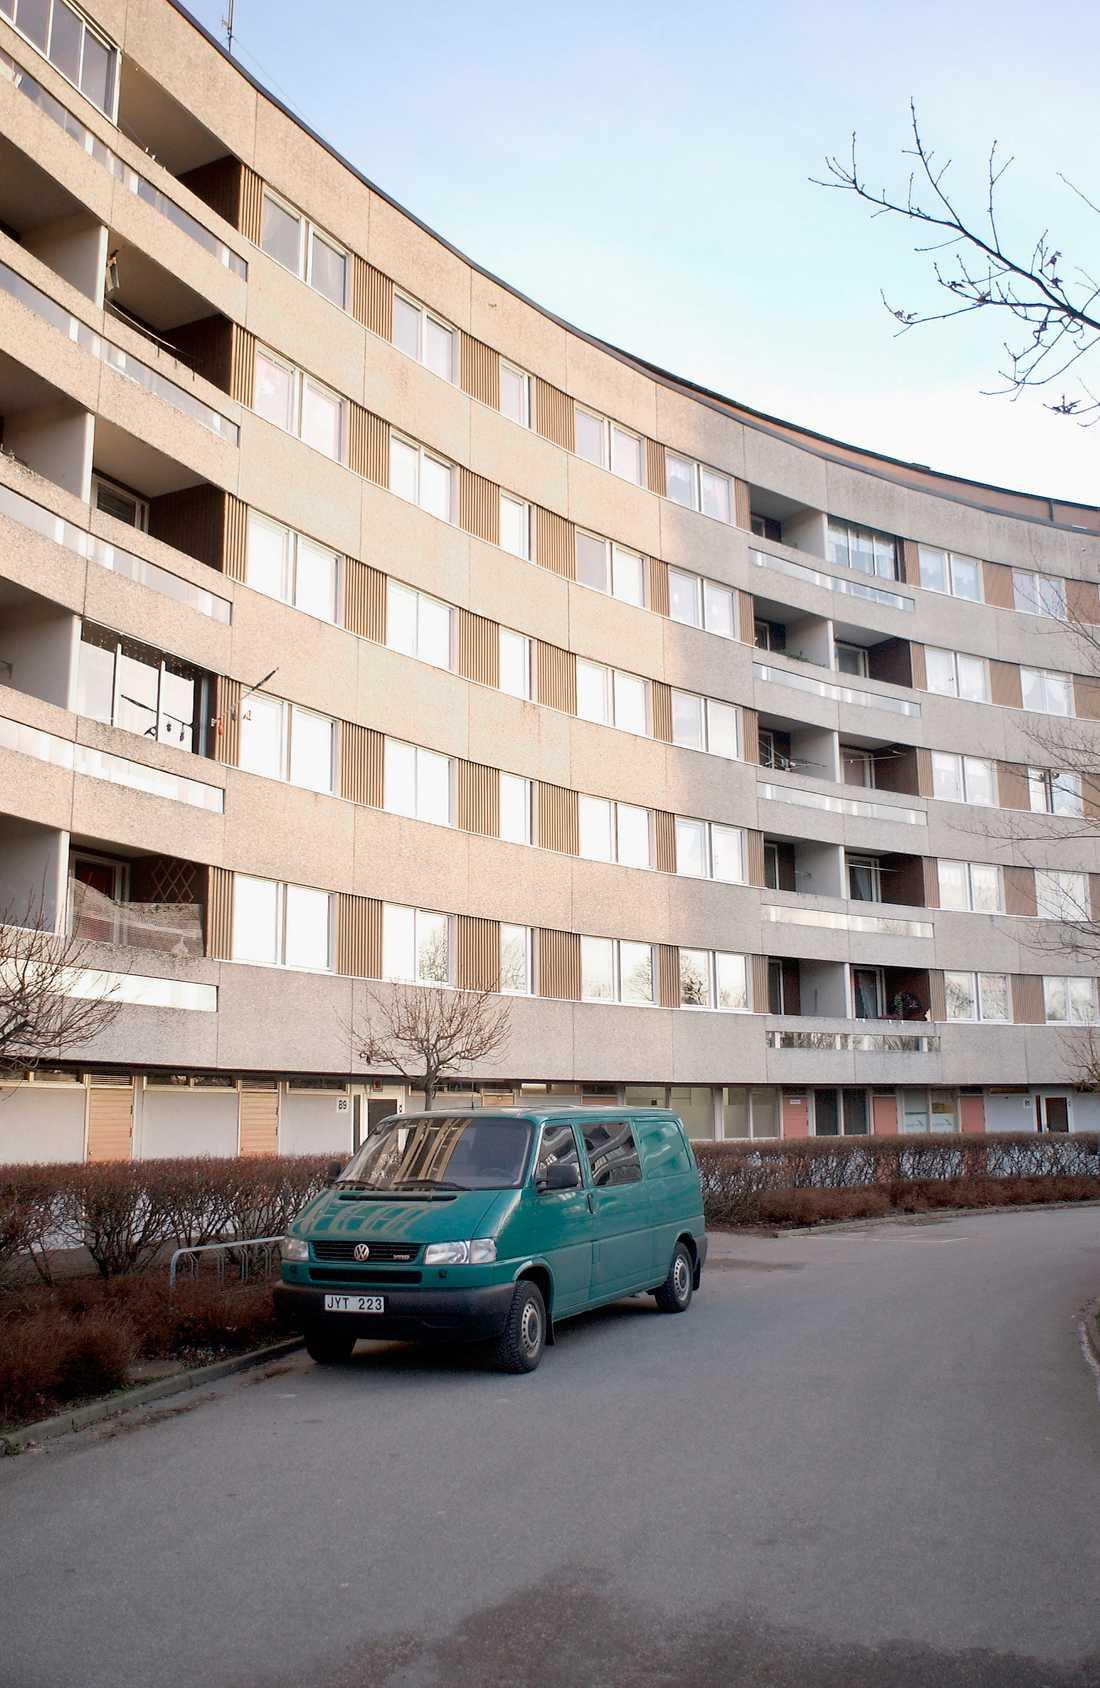 Ekström hittades död i sitt hem på Kungsmarksvägen i Karlskrona.